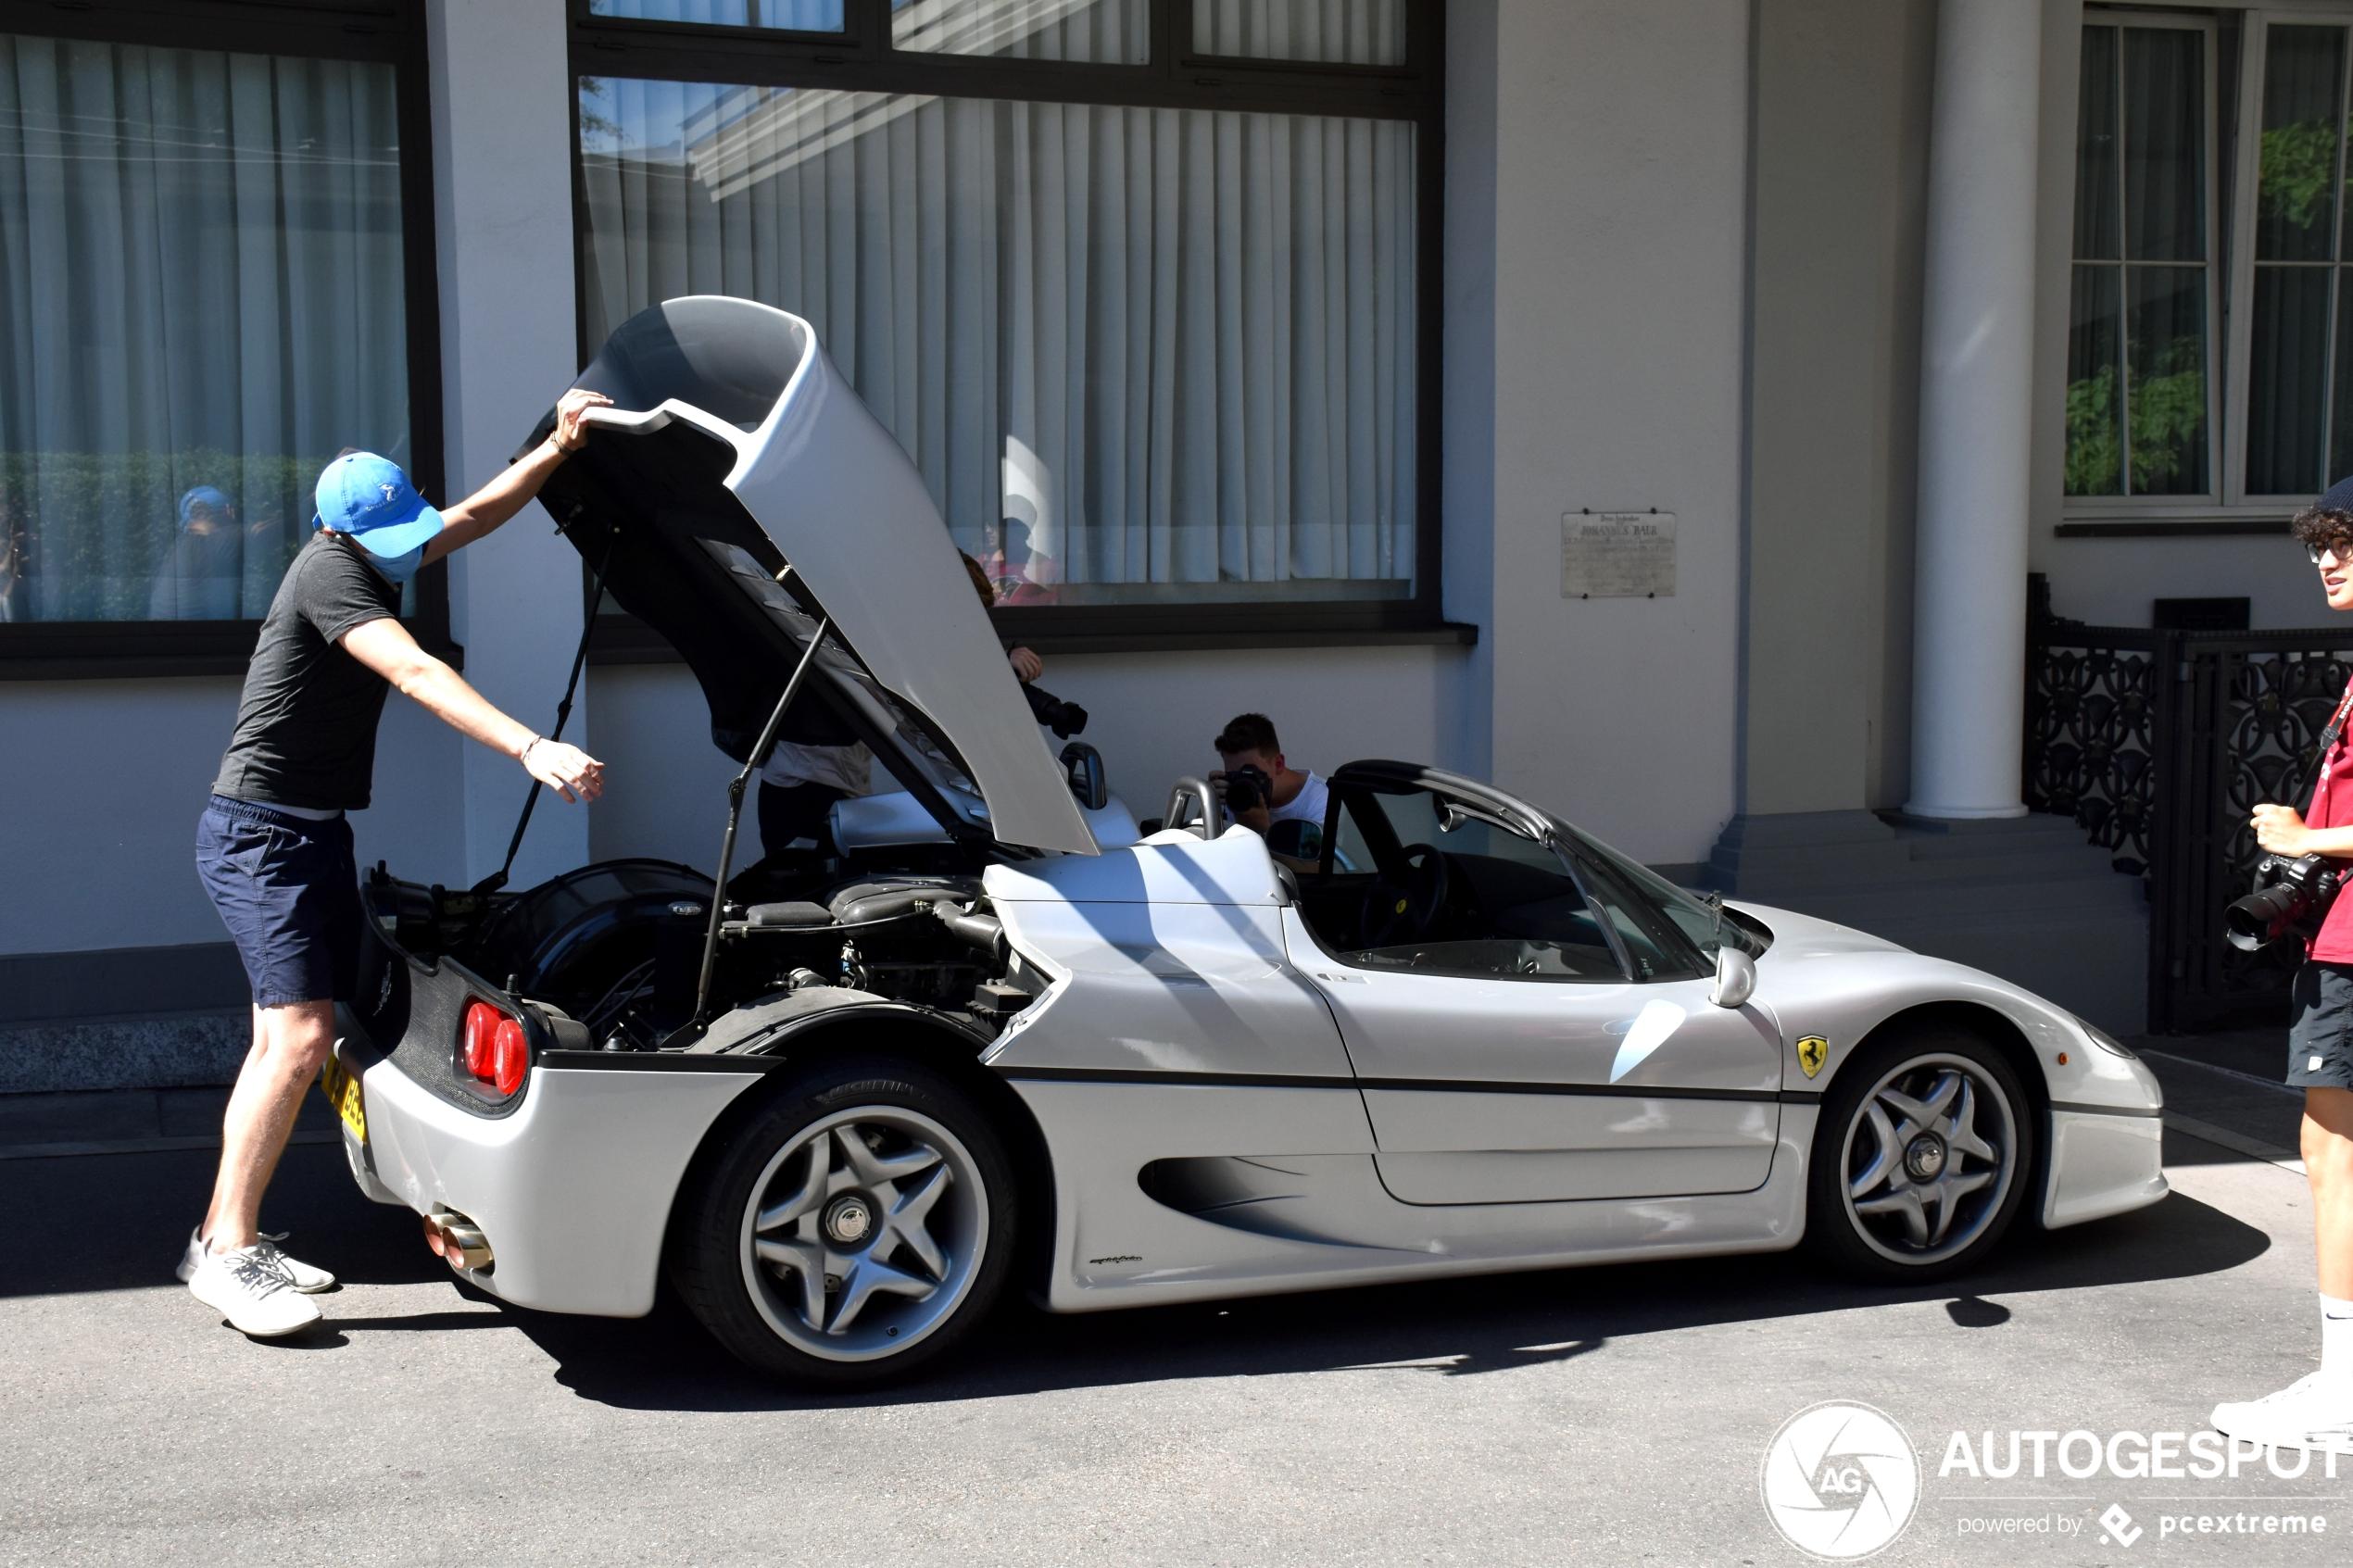 Unique, silver Ferrari F50 shows itself in Zürich